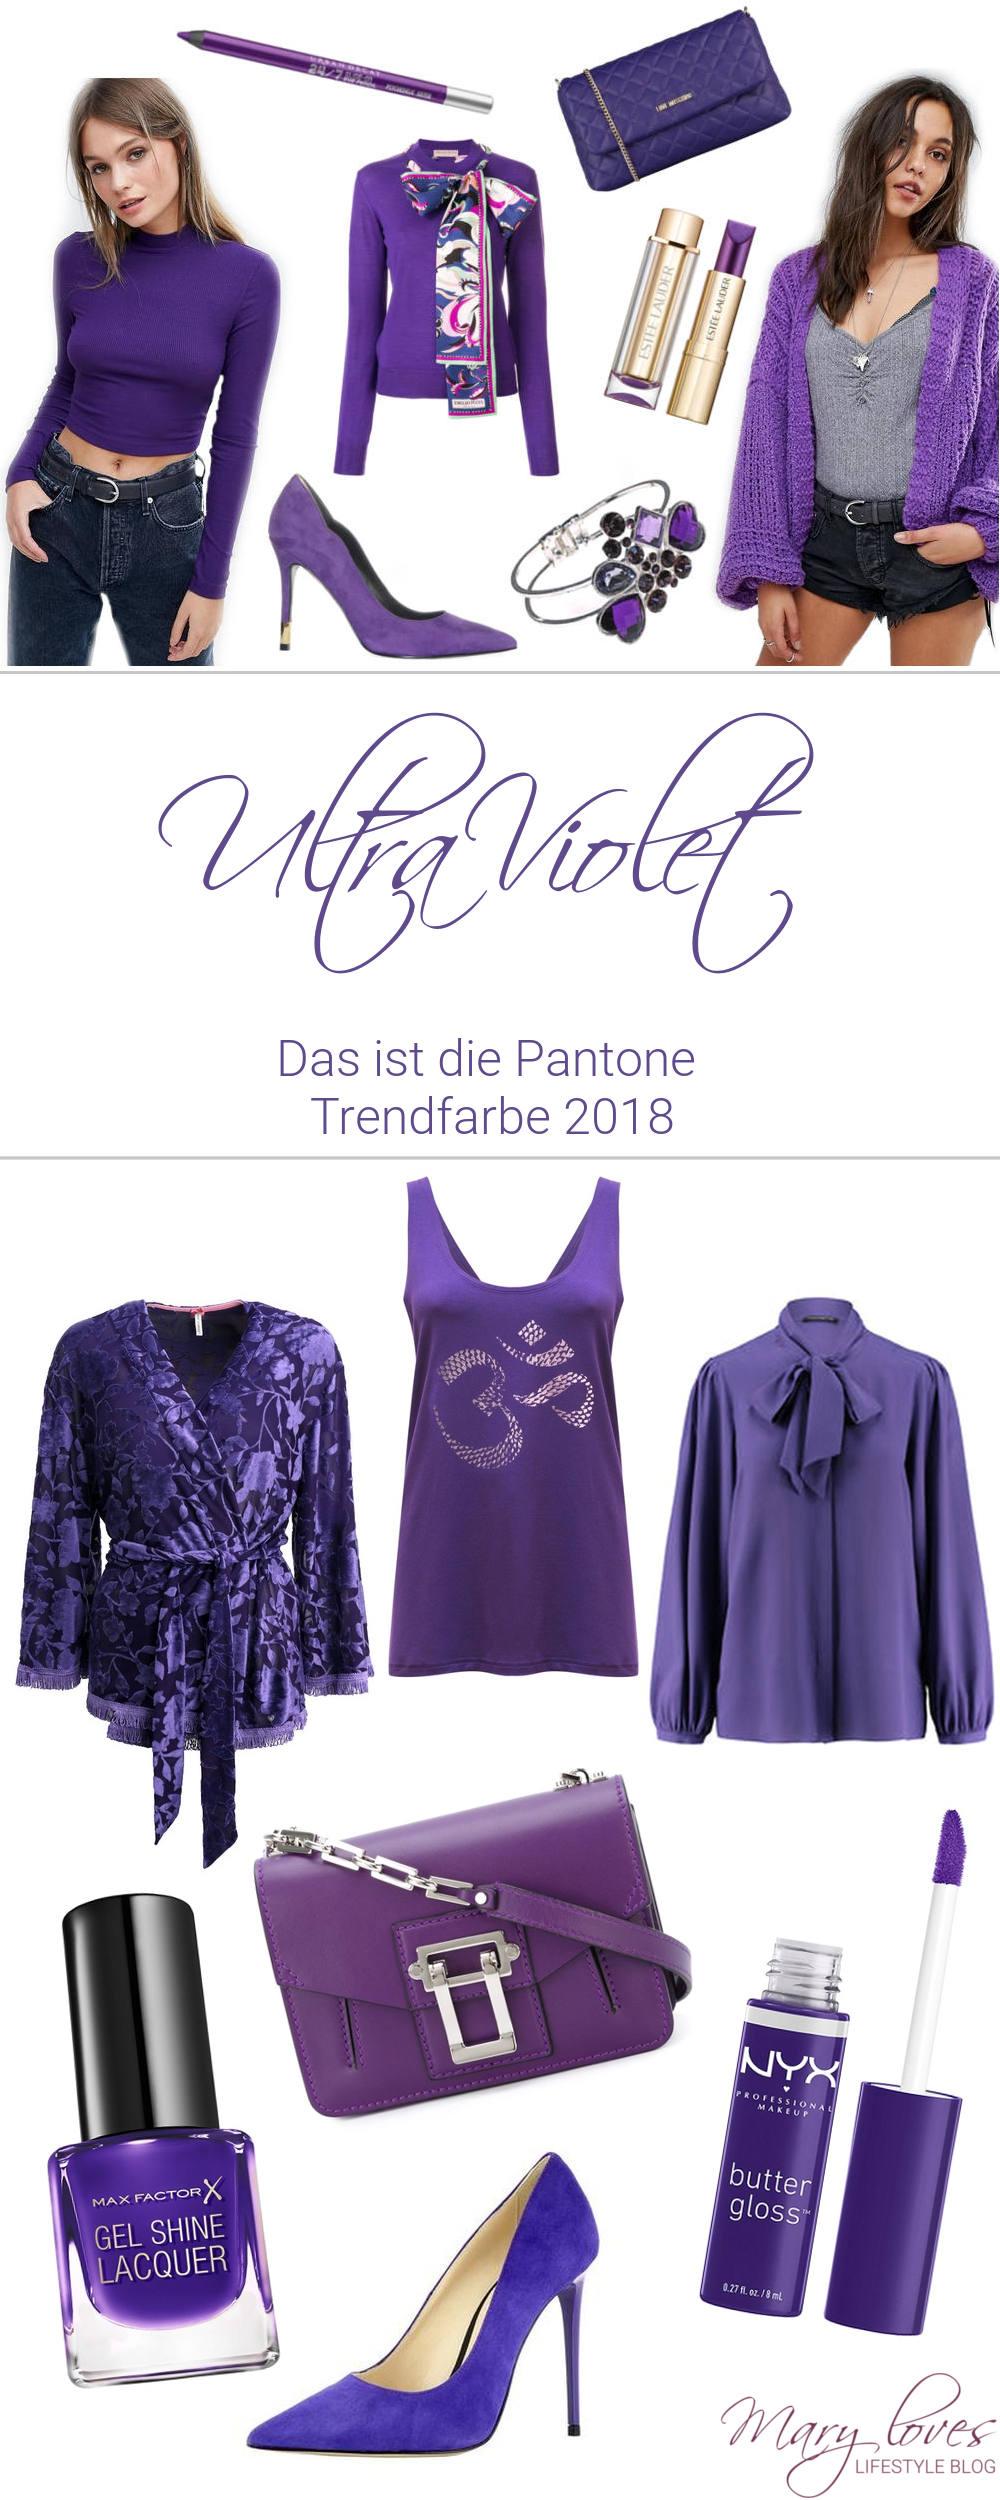 Ultra Violet - Das ist die Trendfarbe 2018 - Pantone Color of the Year 2018 - #ultraviolet #violett #trendfarbe2018 #pantone #lila